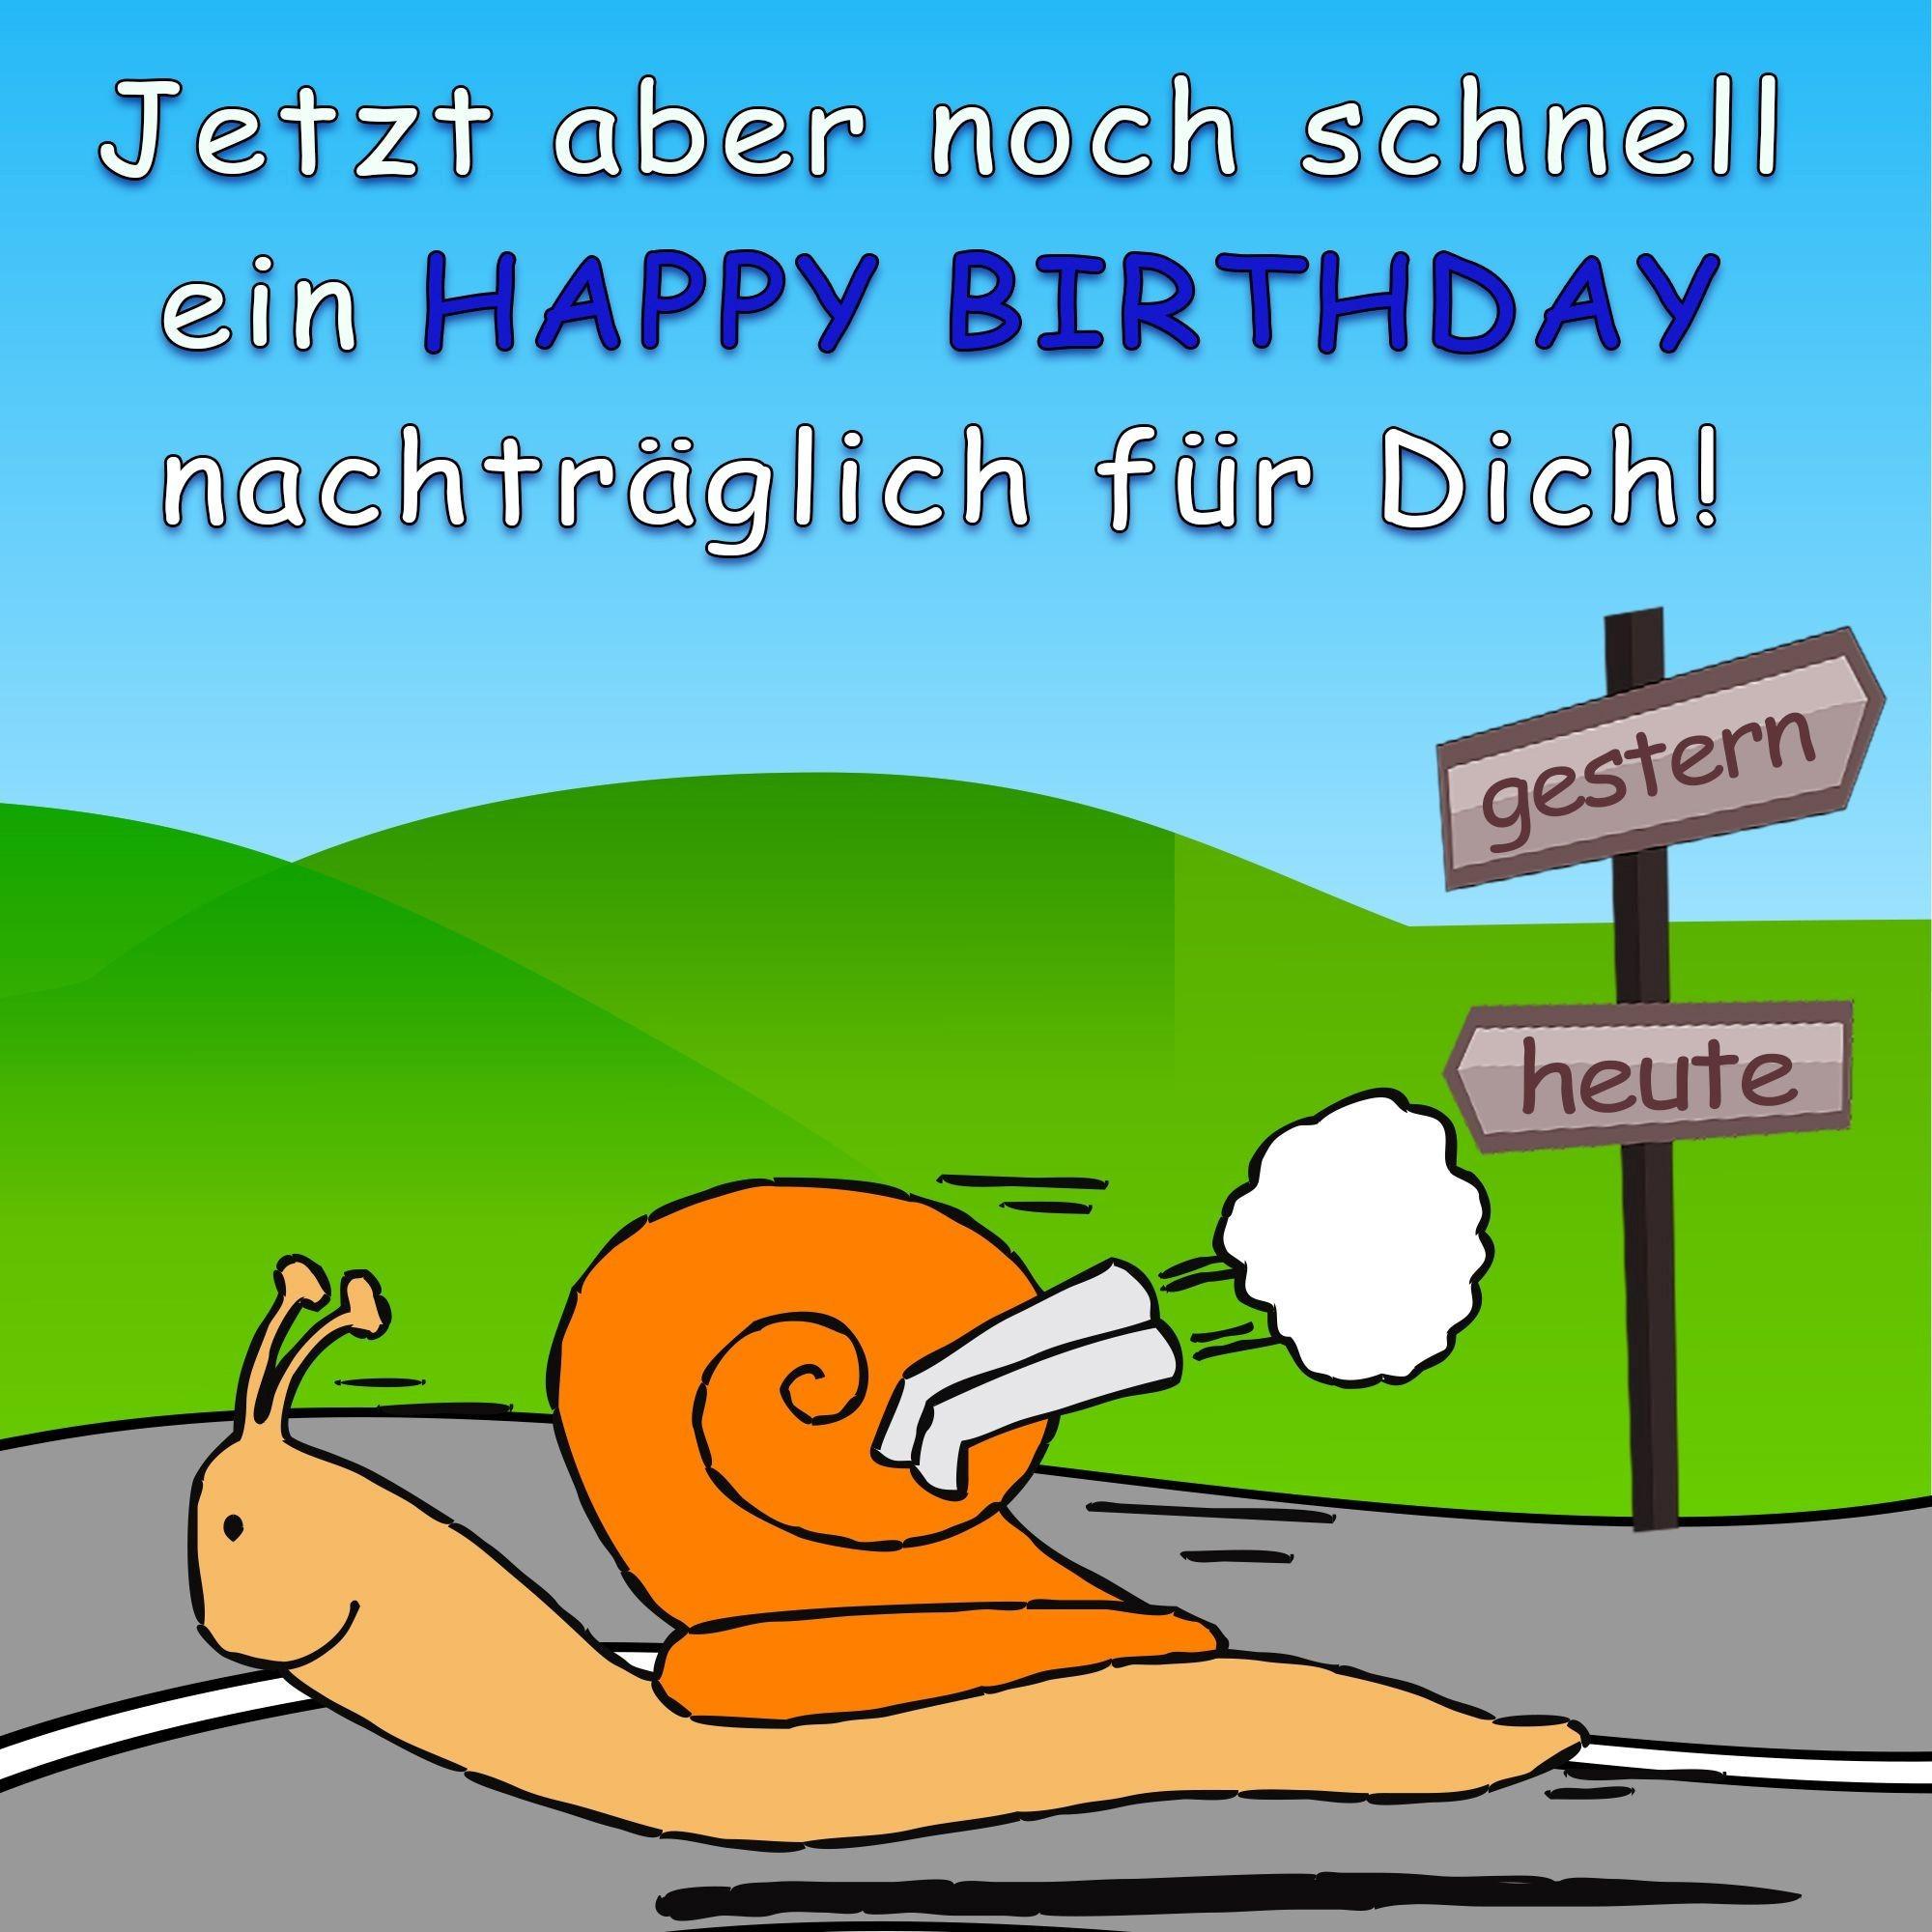 Nachträgliche Geburtstagswünsche  Nachträgliche Geburtstagswünsche – Hd für